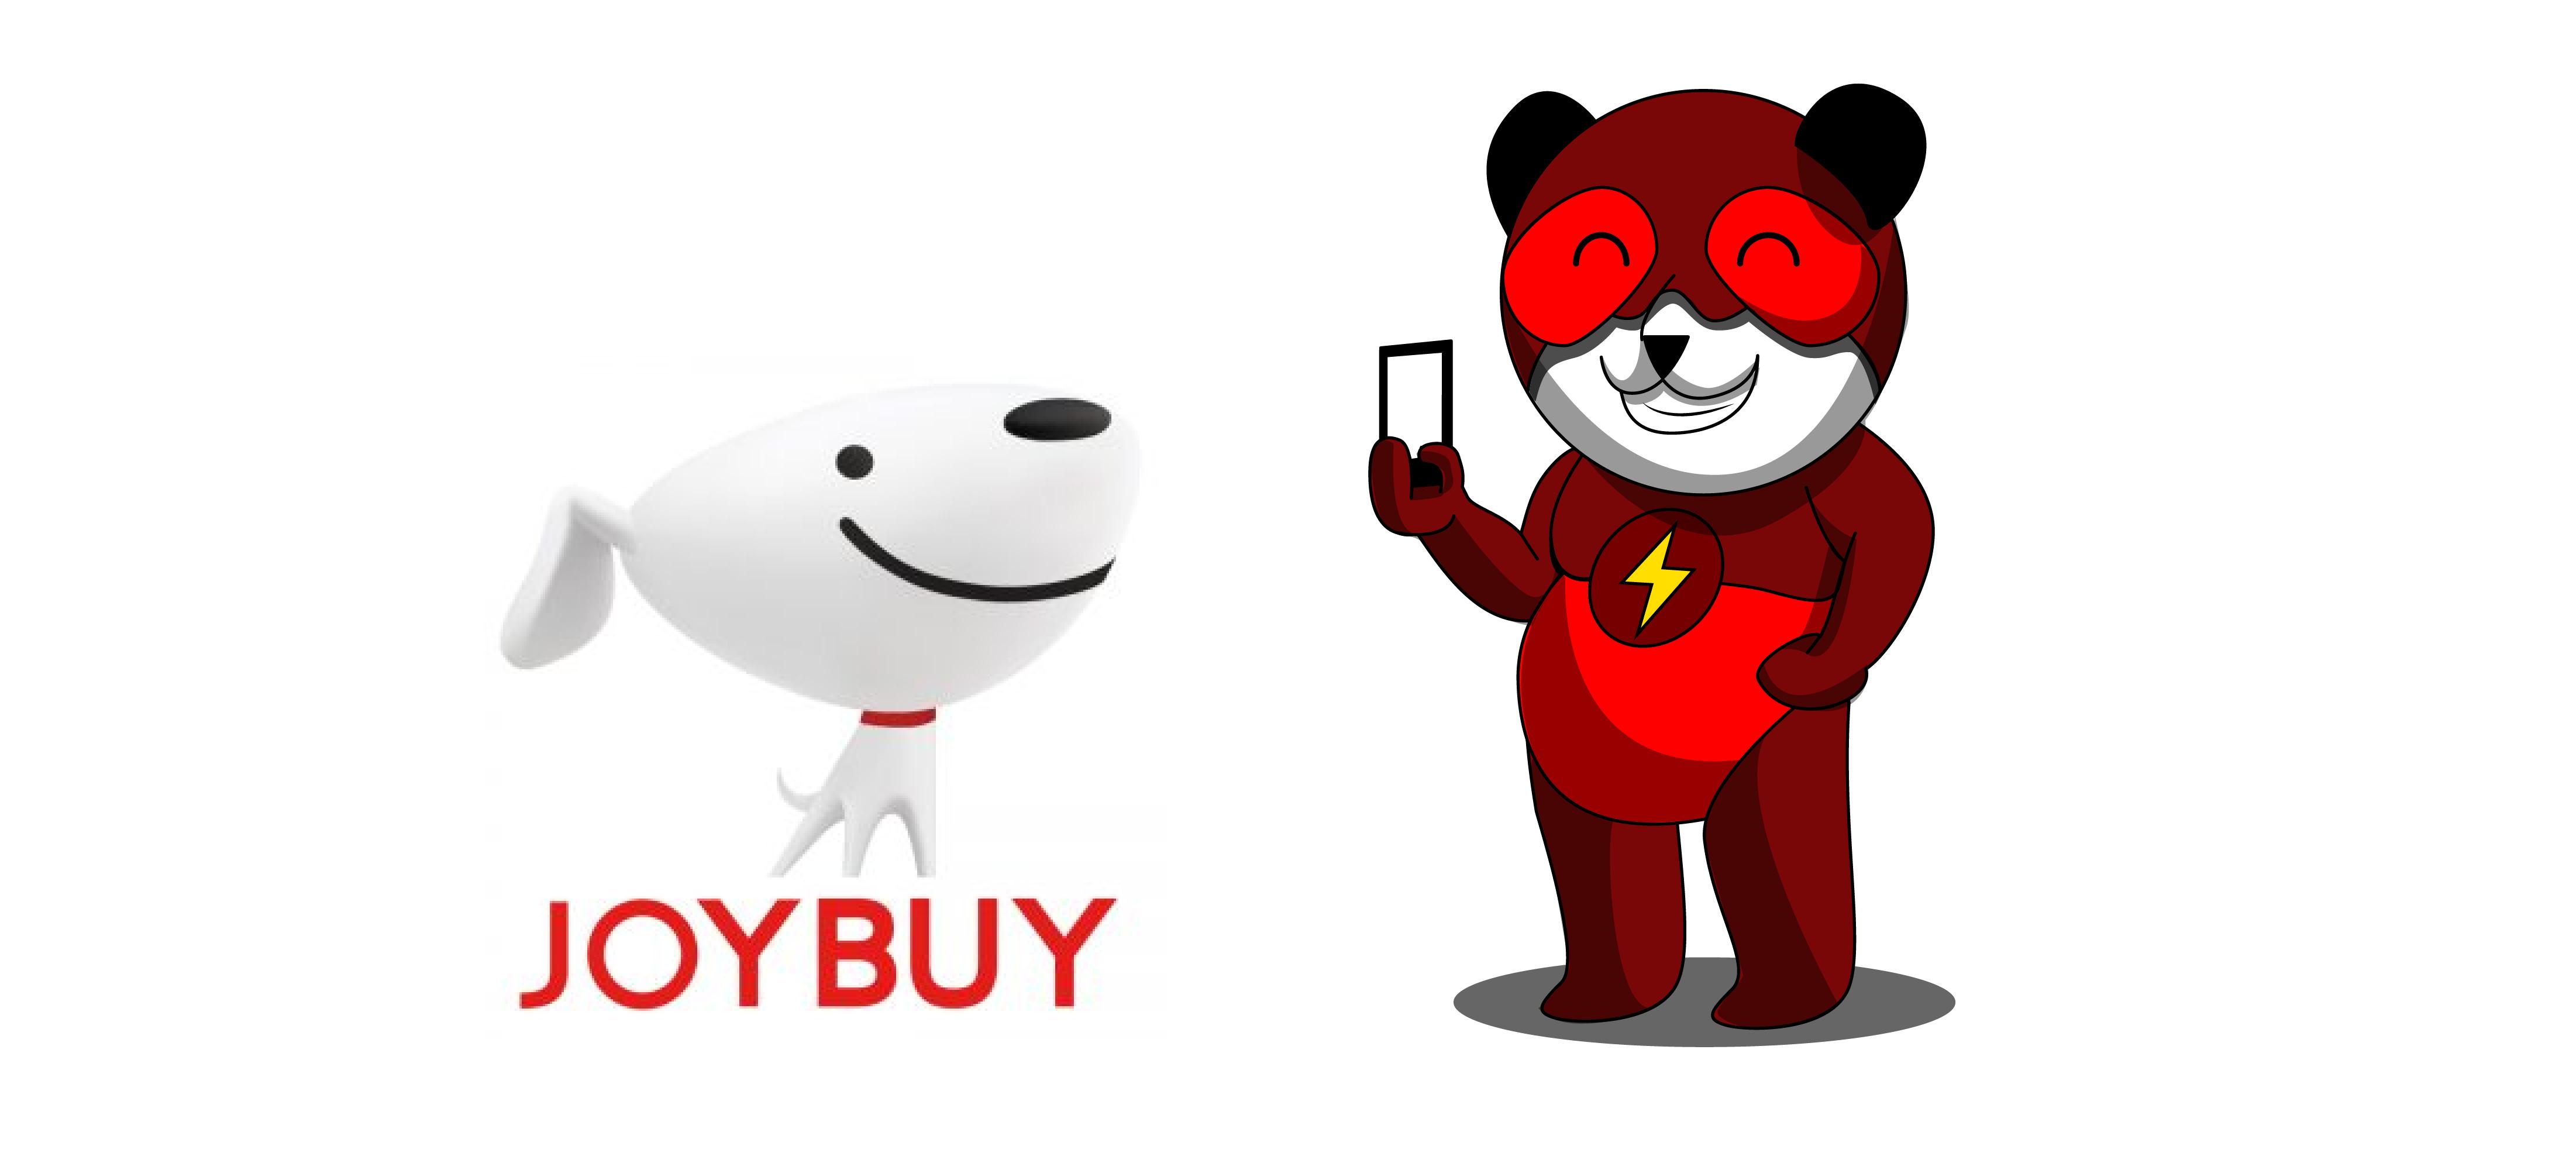 Joybuy: un piccolo gigante dai prezzi invincibili